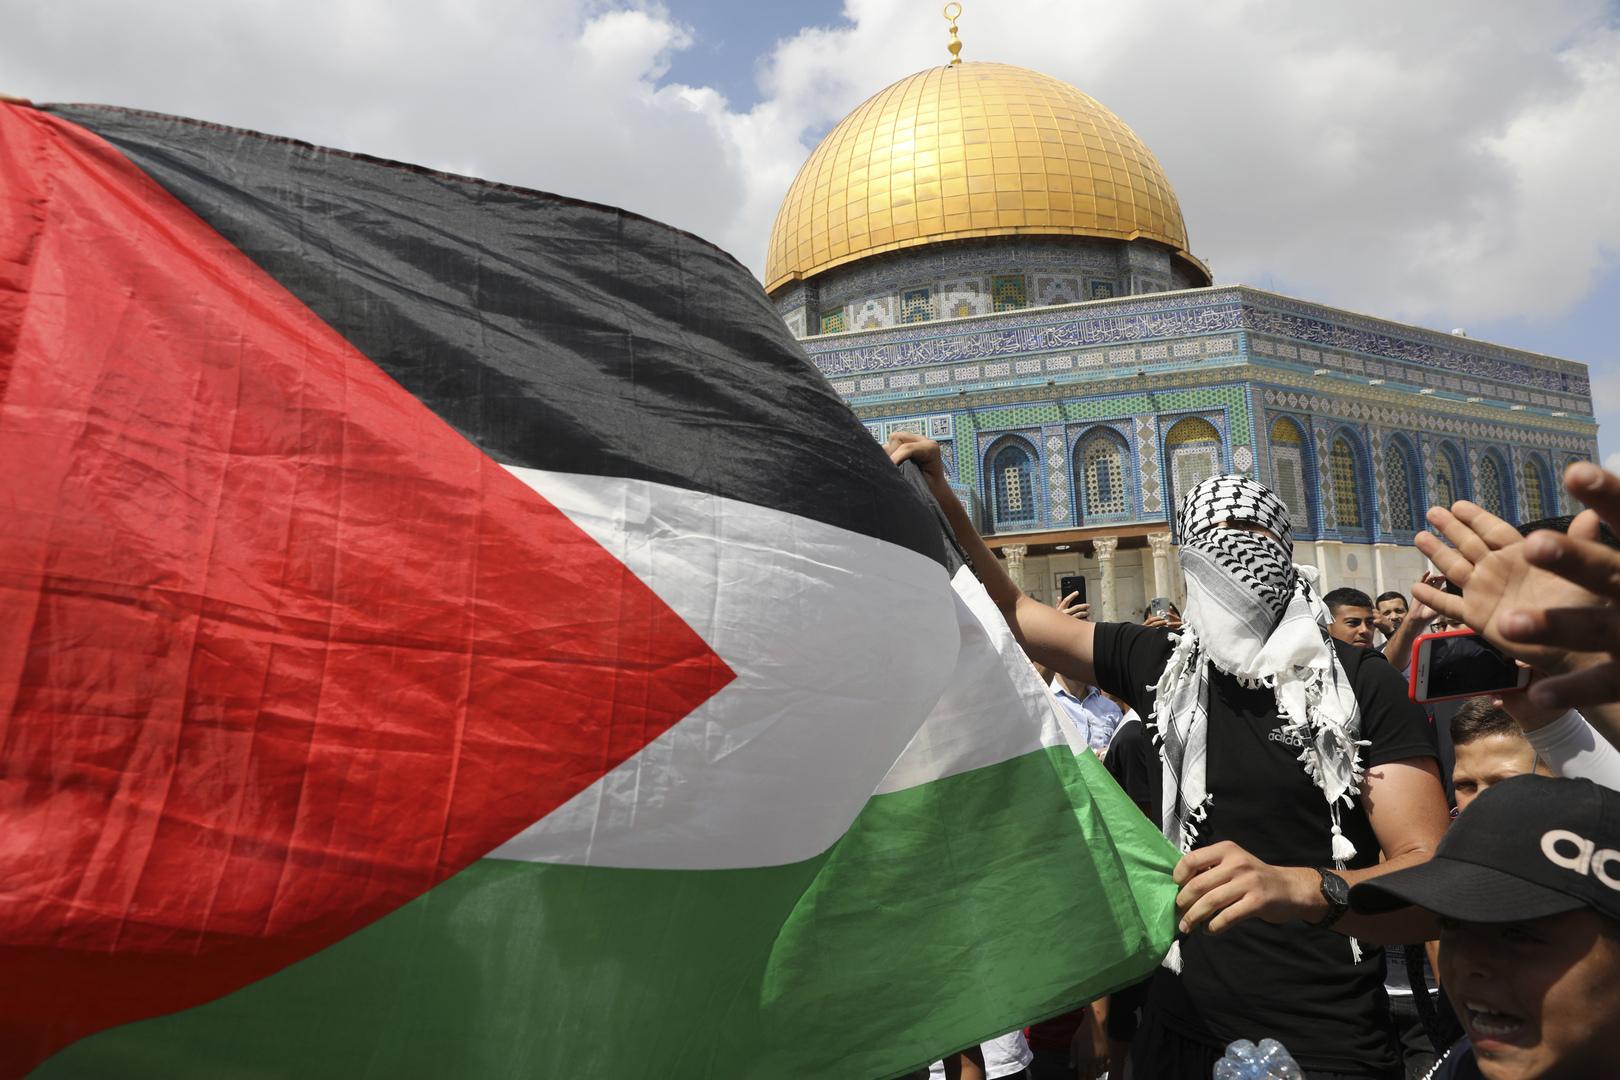 فلسطين ترفض تصنيف إسرائيل منظمات حقوقية ومدنية فلسطينية